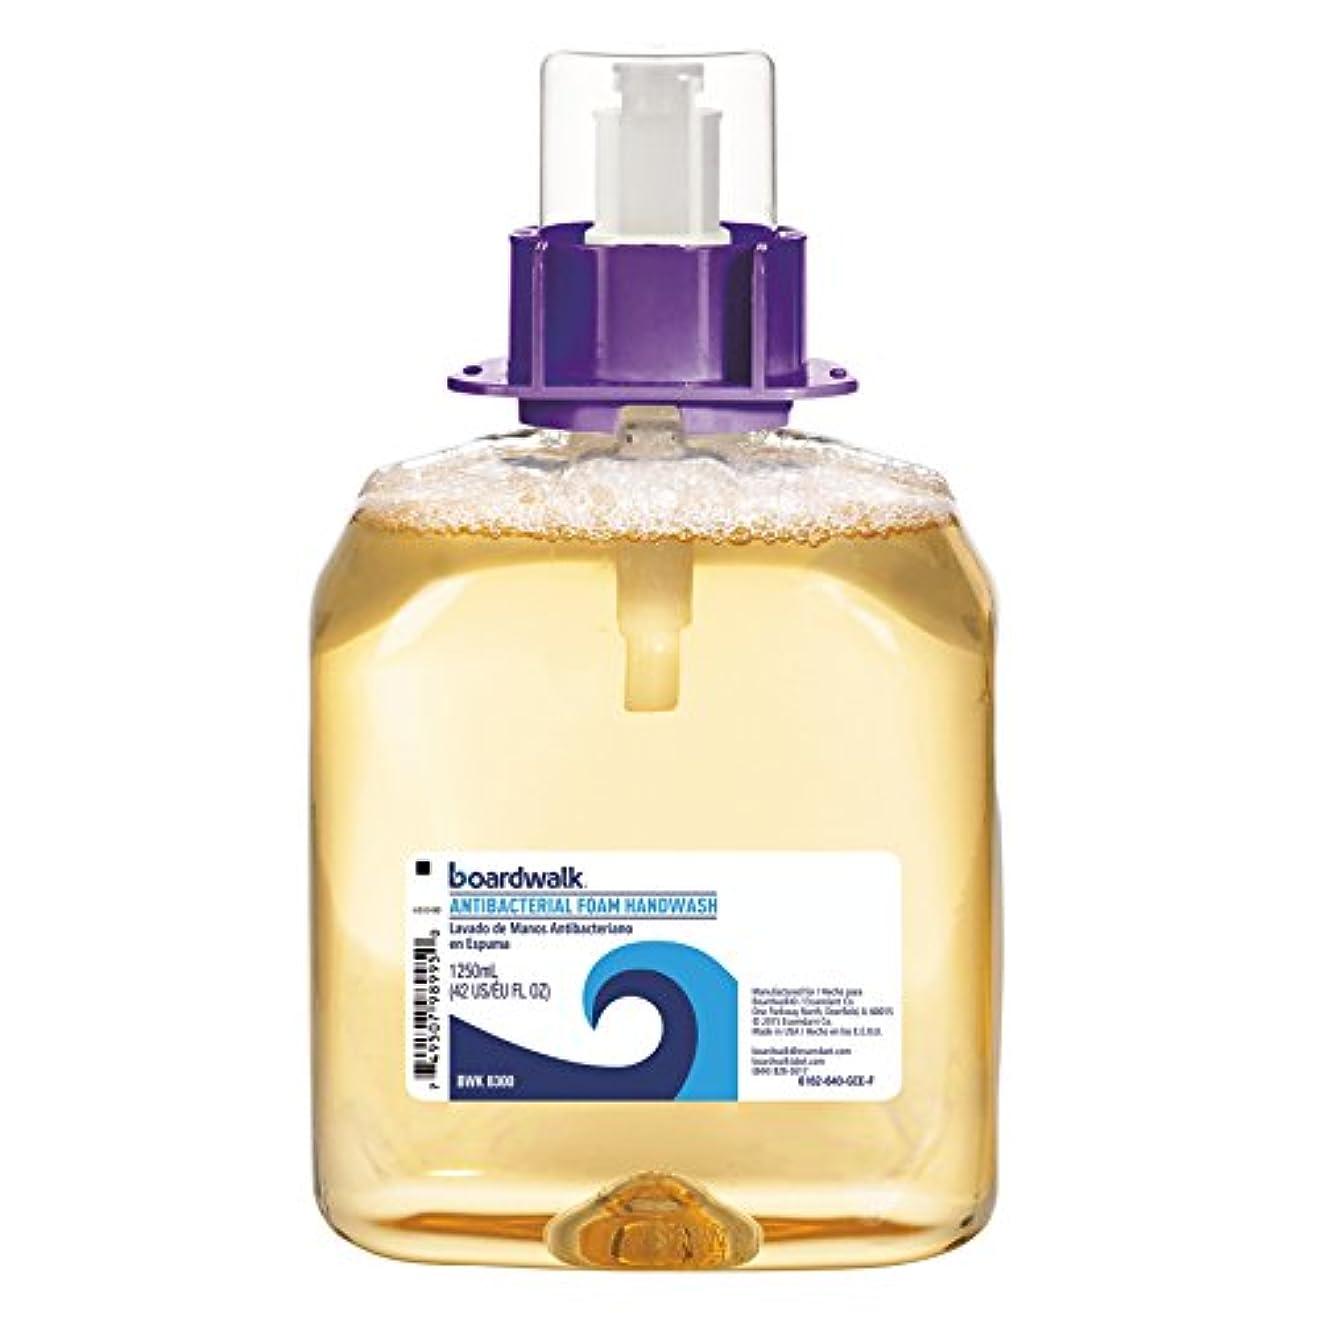 シーフード操作カートFoam Antibacterial Handwash, Sweet Pea, 1250ml Refill, 4 per Carton (並行輸入品)